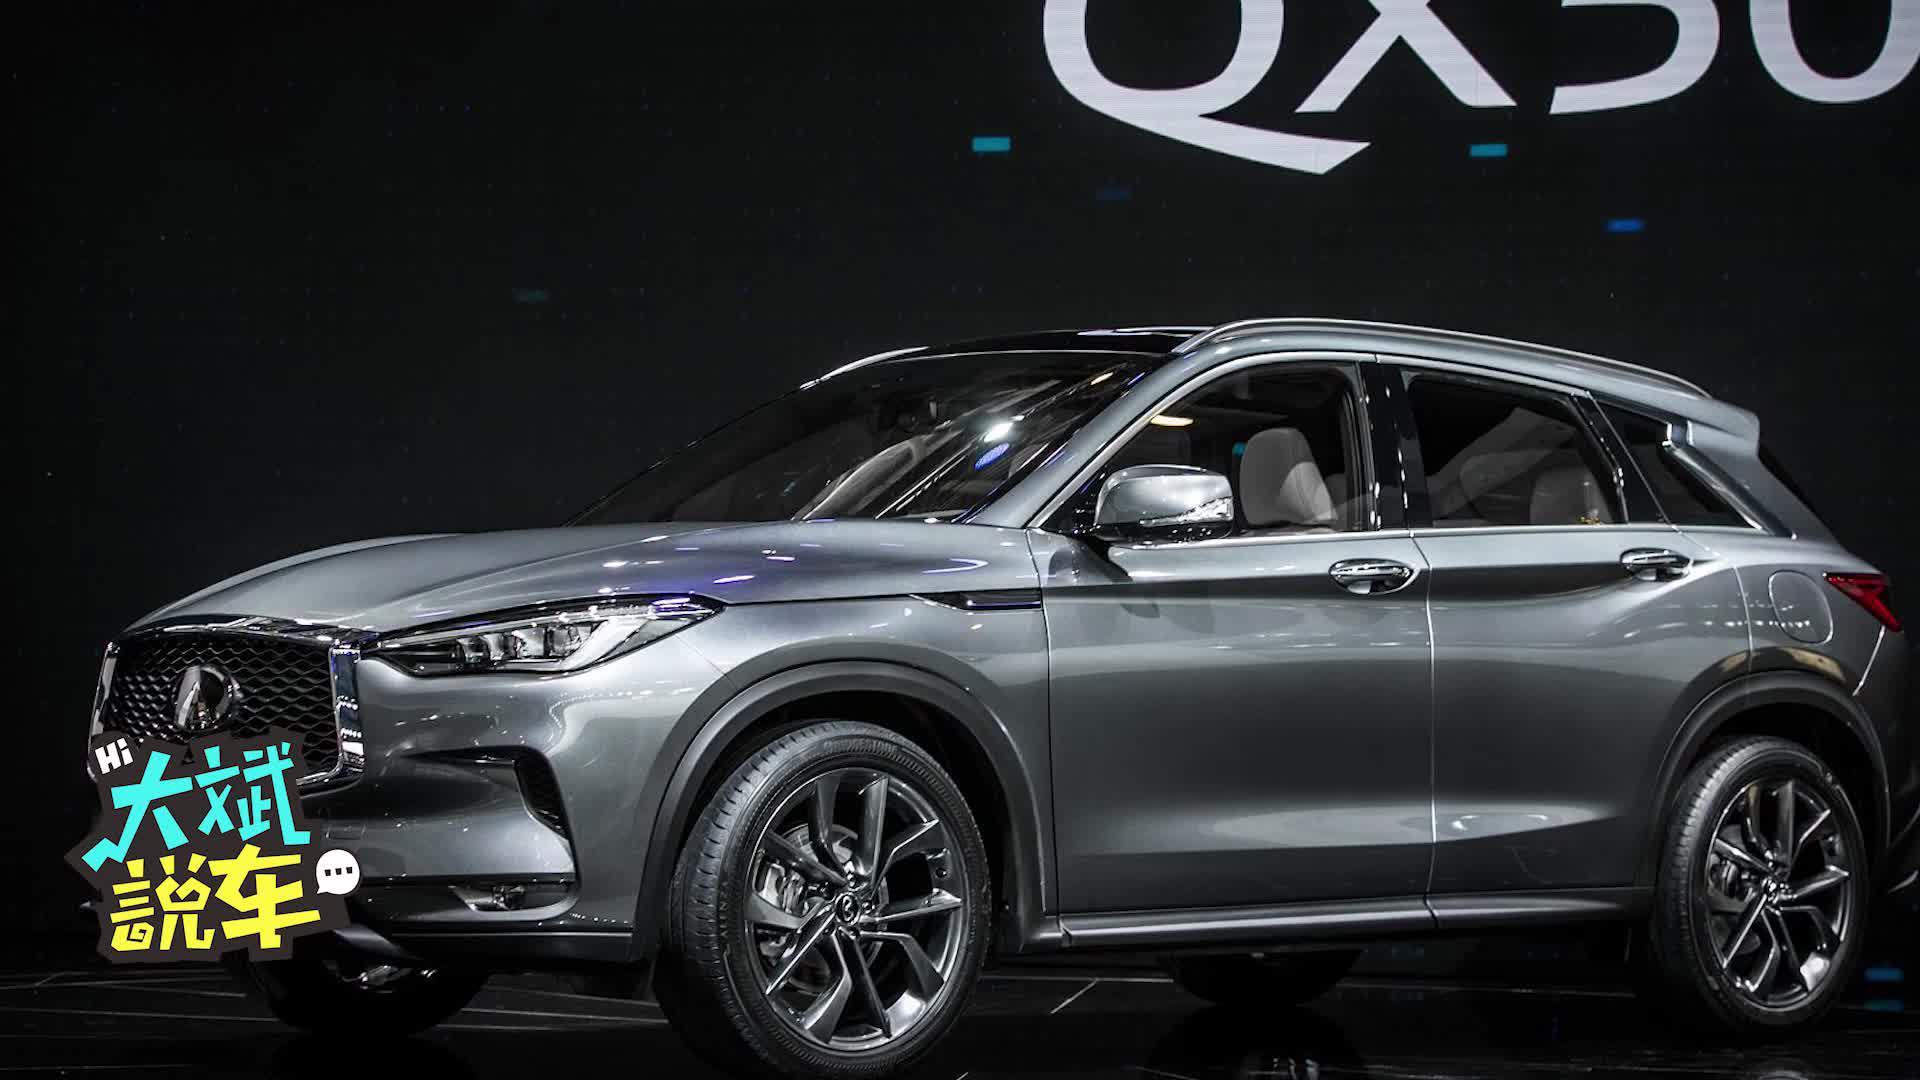 视频:预算30万买豪华SUV,英菲尼迪QX50怎么样?这些优缺点要清楚